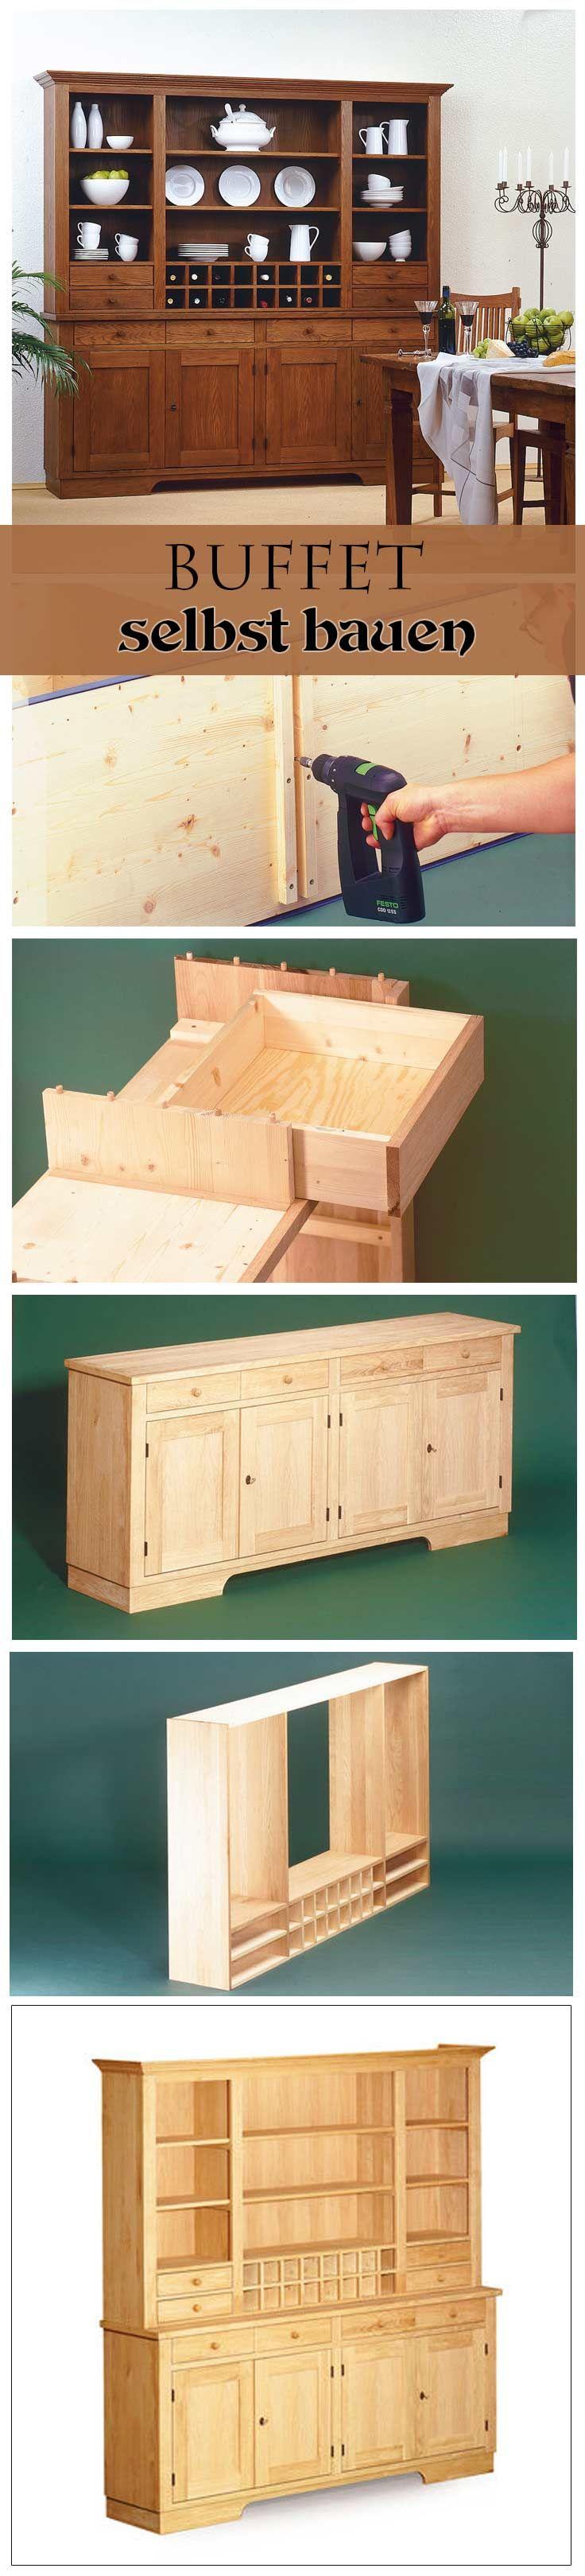 Buffet-Schrank selber bauen | Woodworking, Buffet and Woods